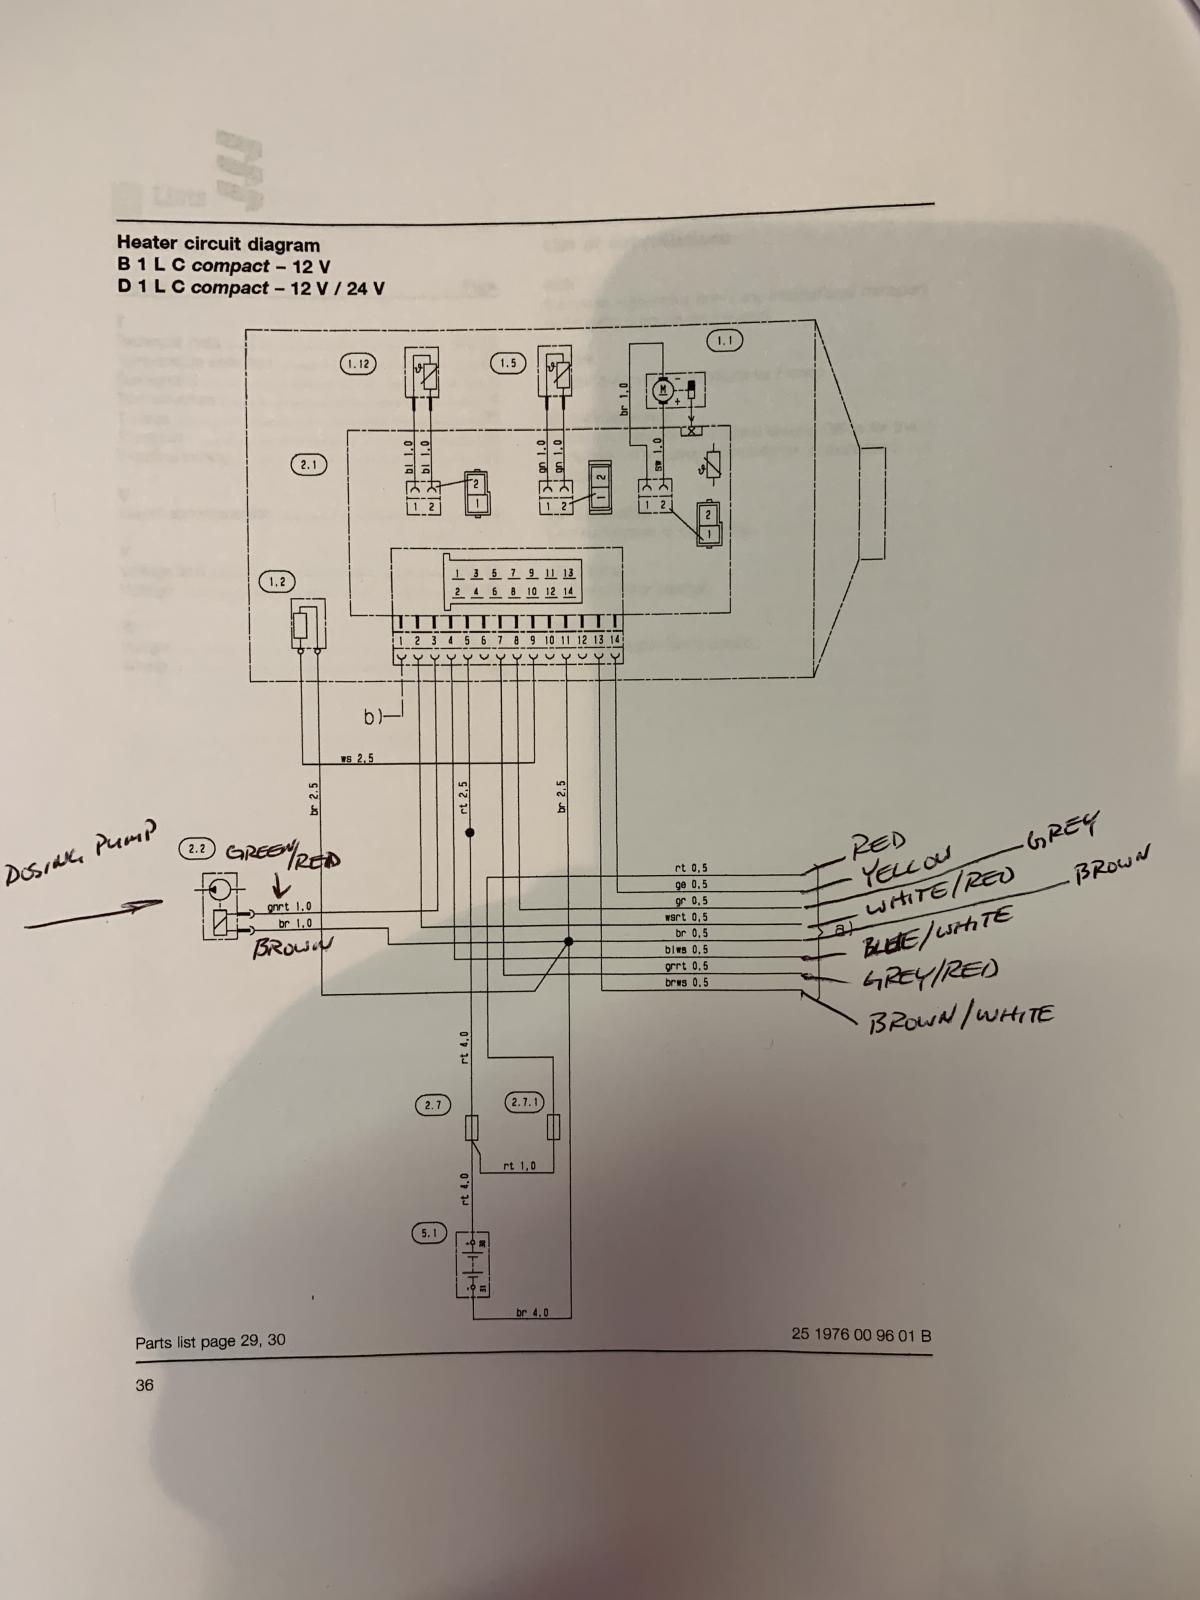 Espar B1LC wiring